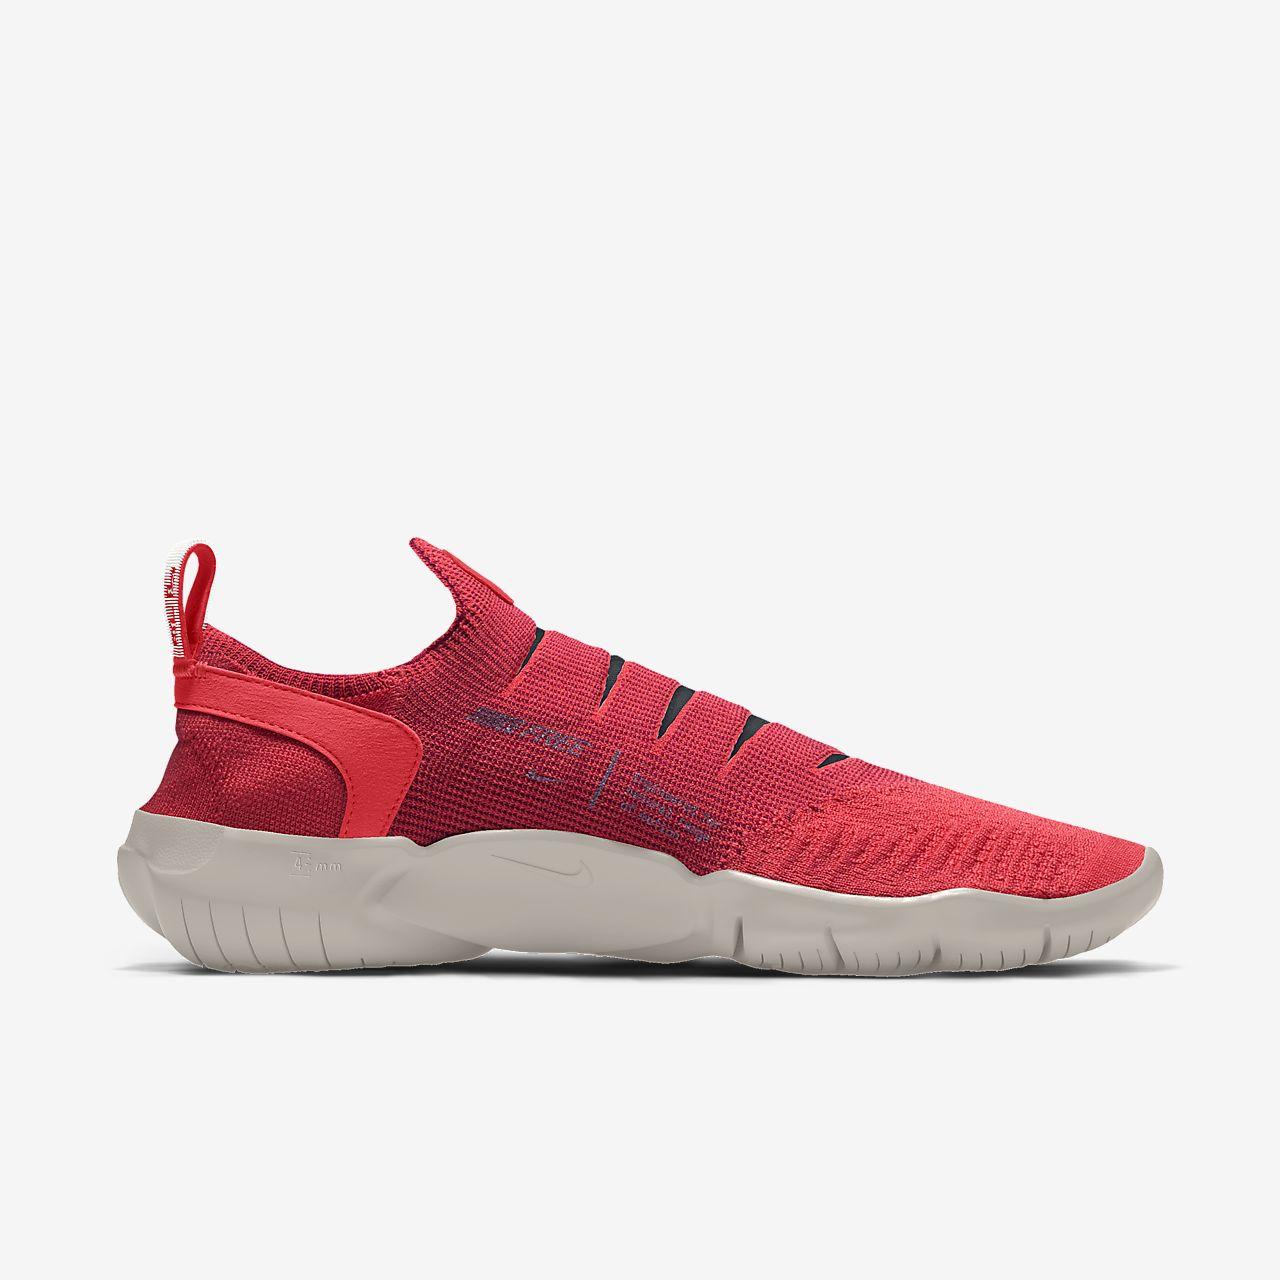 Nike Air Huarache Run Ultra Noble Red White Trainers | Nike